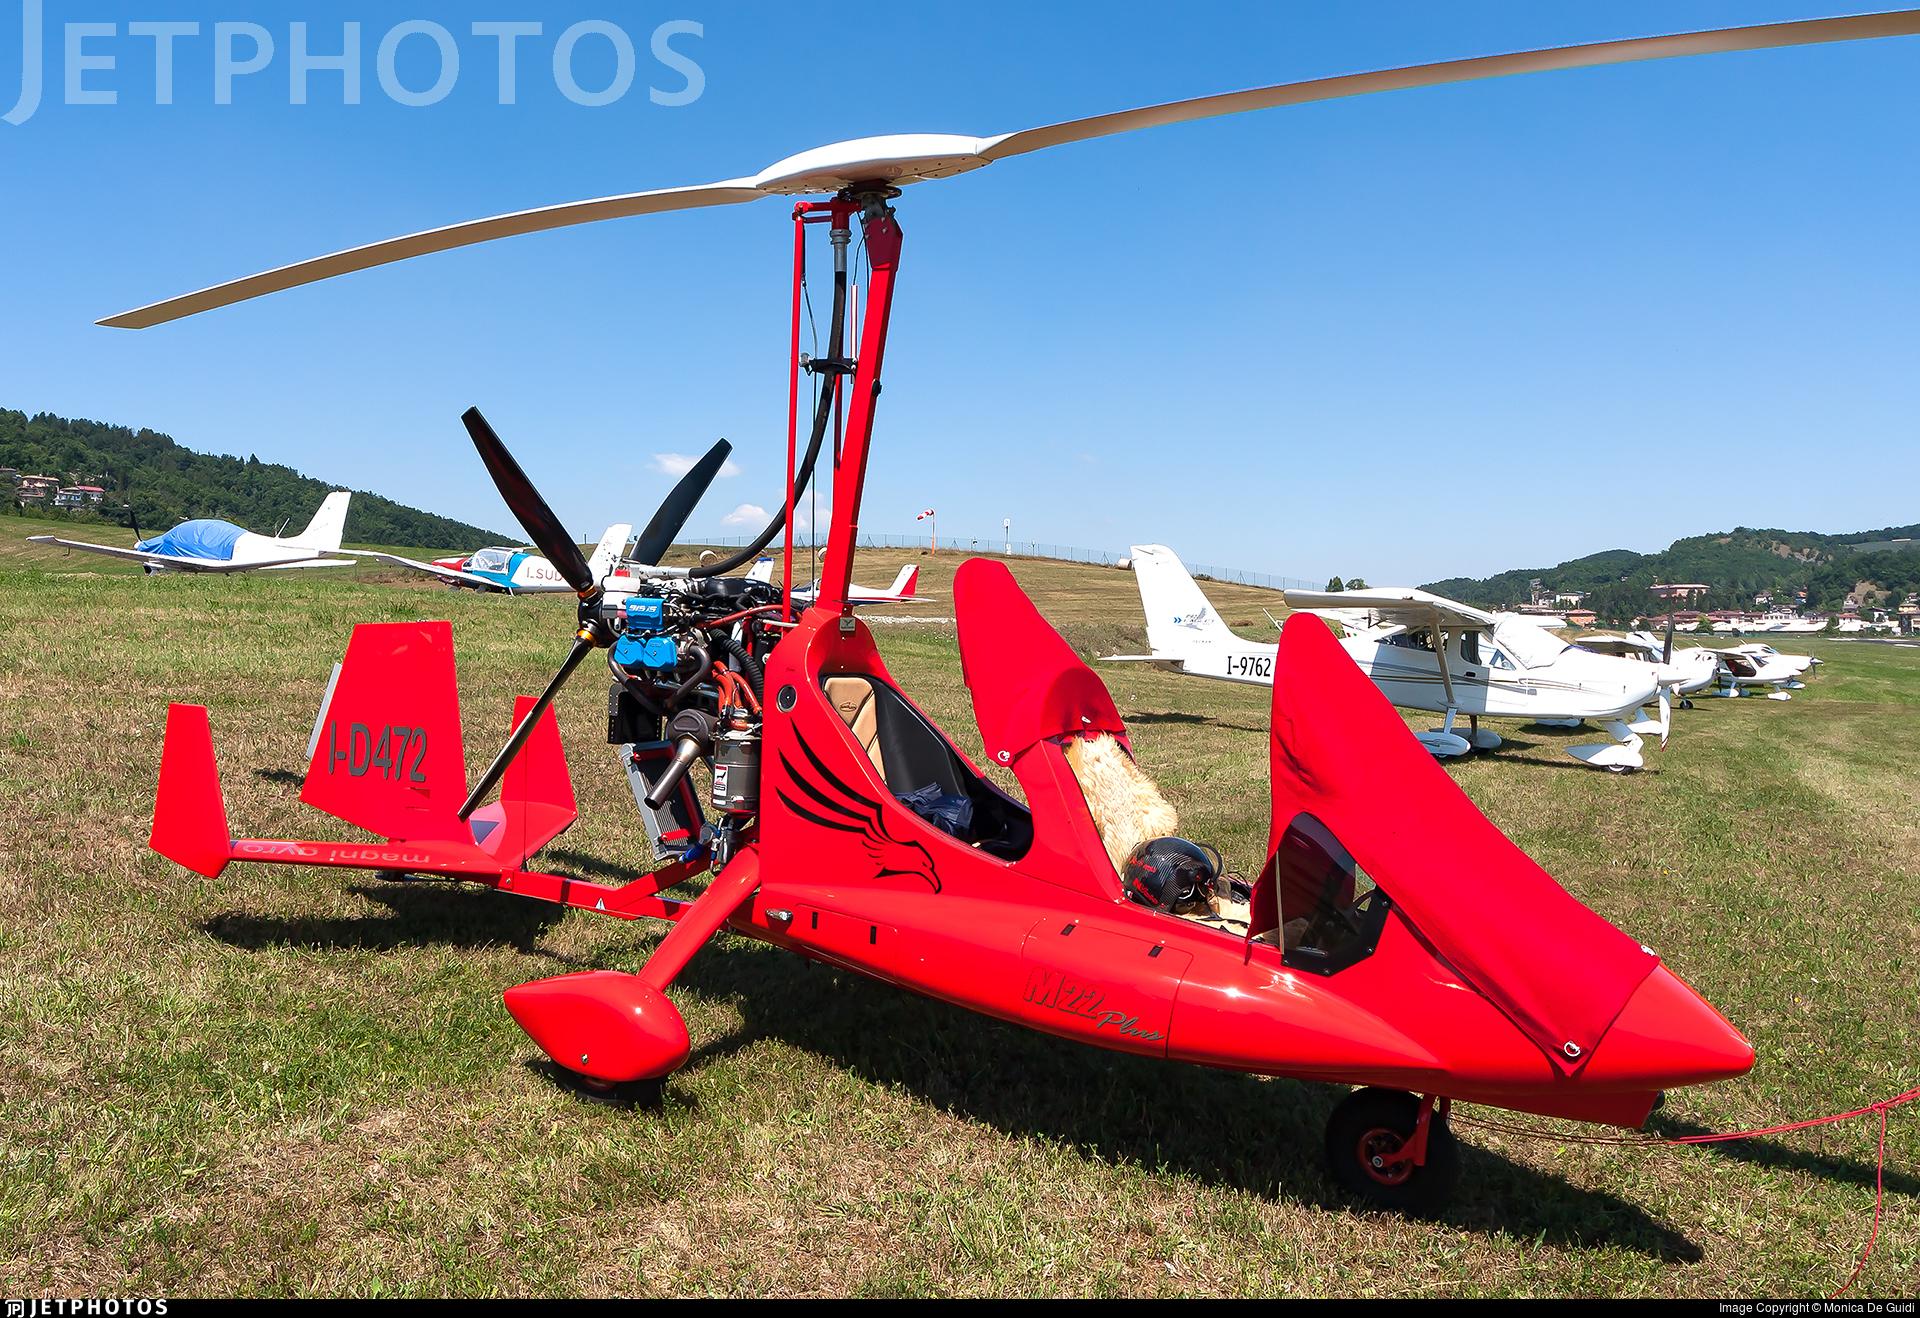 I-D472 - Magni Gyro M-22 Plus - Private